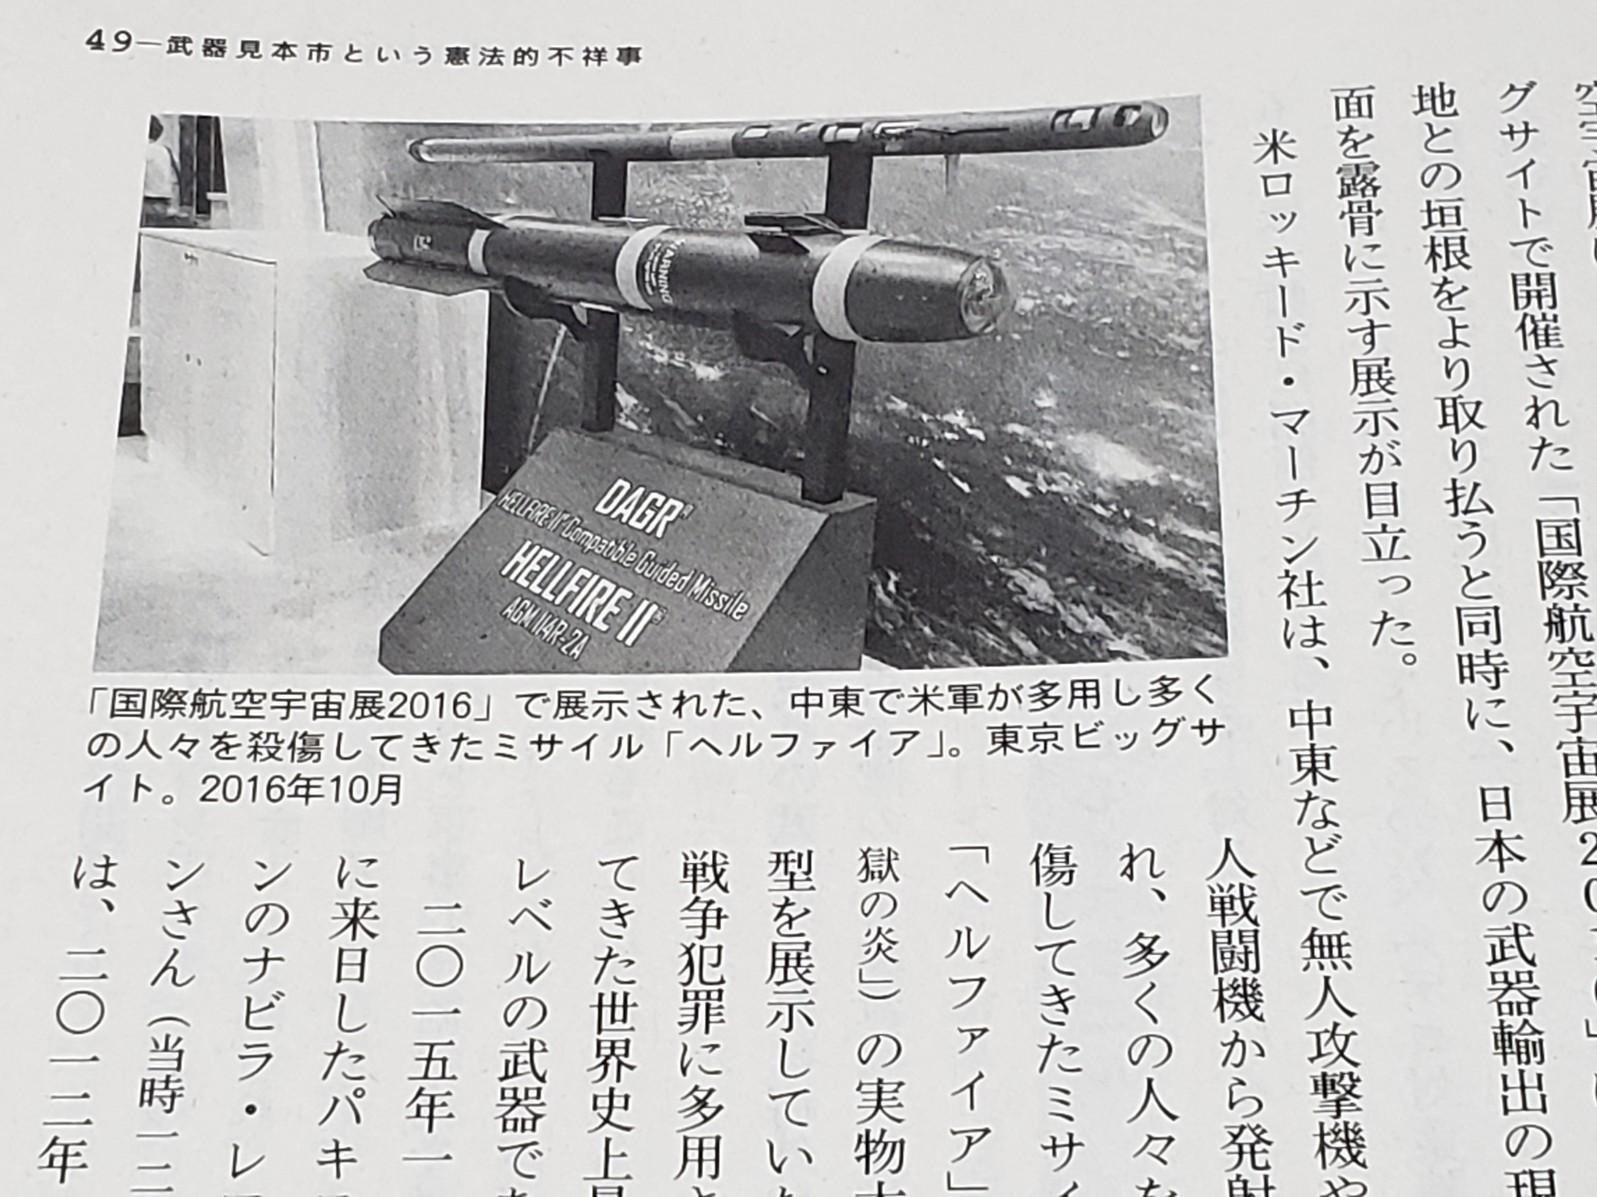 『世界』12月号に「武器見本市という憲法的不祥事」を寄稿しました_a0336146_22253242.jpg